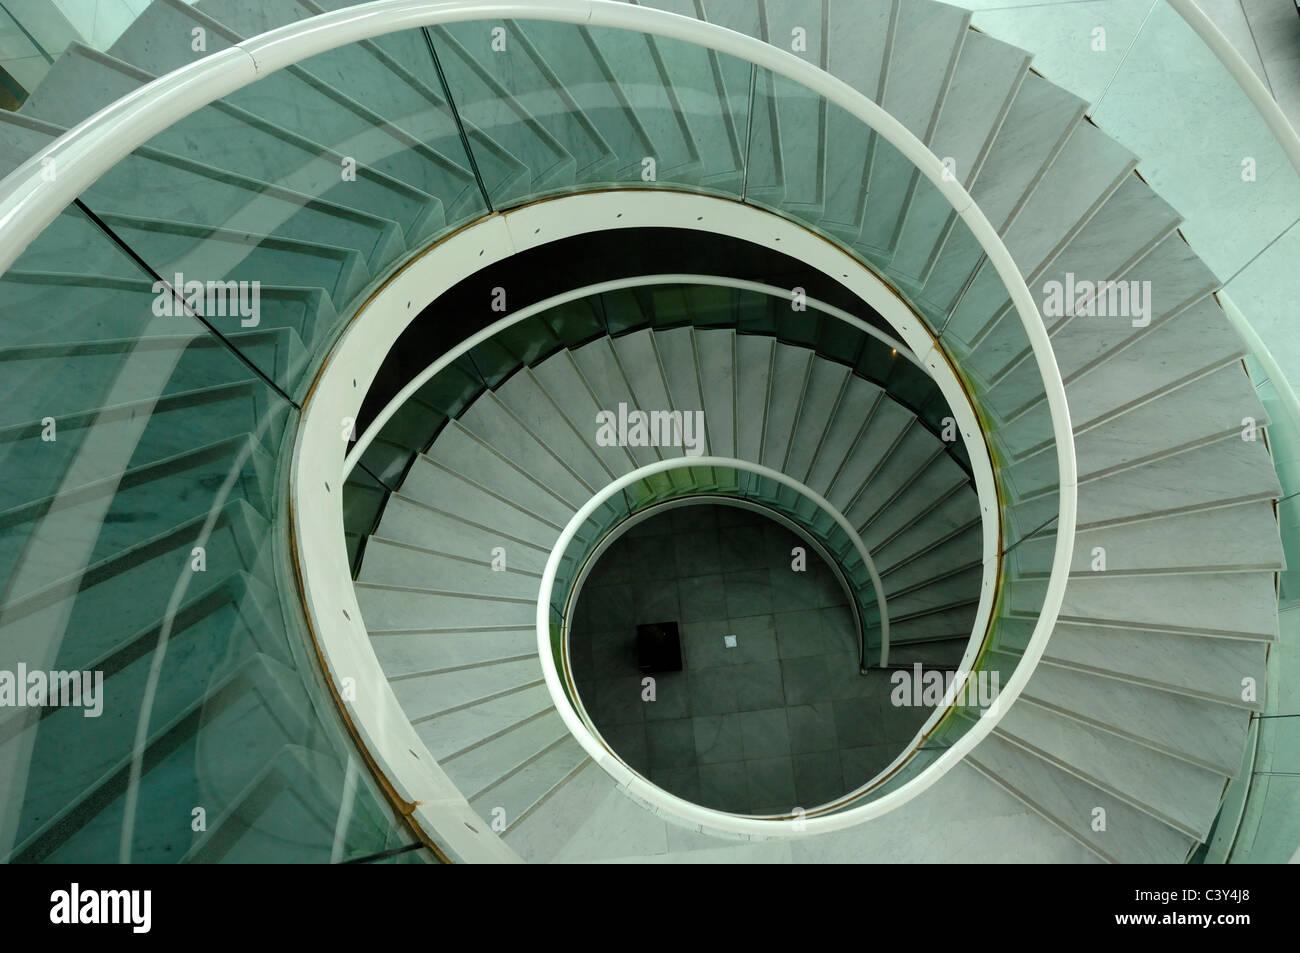 Escalier spirale escalier ou Musée des Arts Asiatiques Nice France Photo Stock